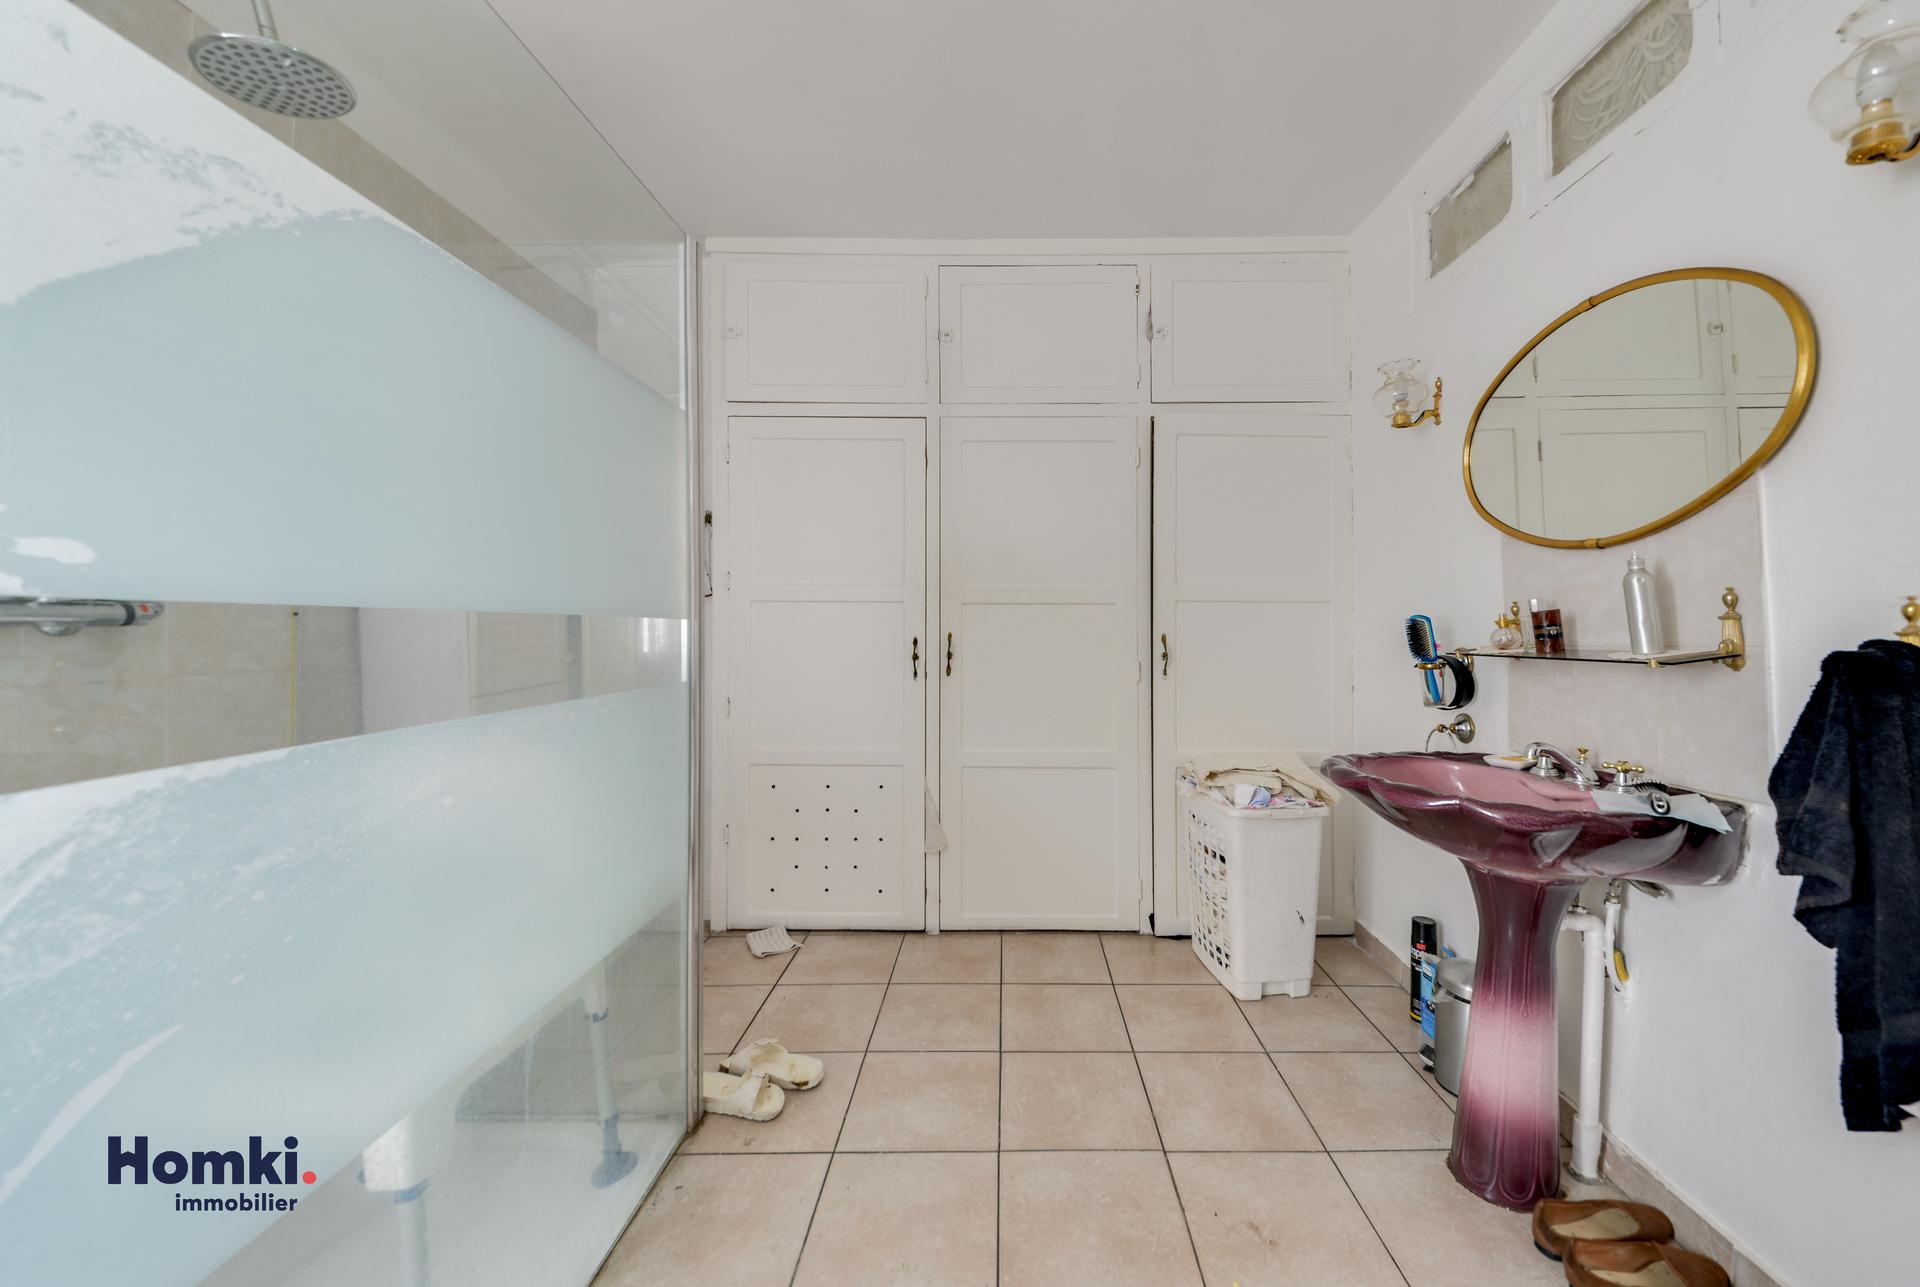 Vente maison 160m² T7 13013_11